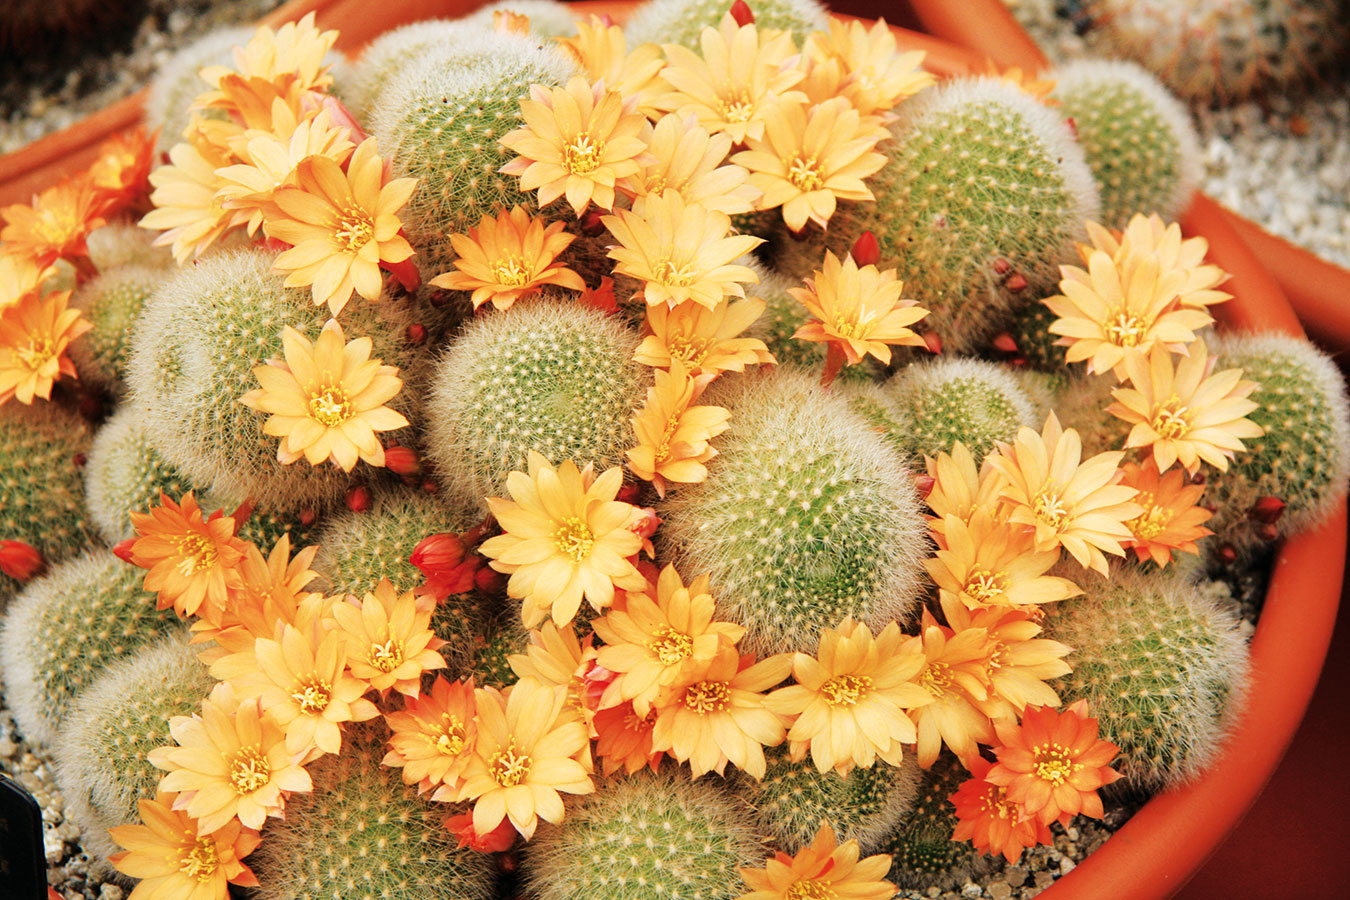 Rebúcie (Rebutia) sú atraktívne kaktusy, ktoré videálnych podmienkach vytvárajú celé kolónie. Dobre sa pestujú vplochých hlinených miskách nateplejších slnečných parapetoch, na ktoré počas dňa zasahuje aj tieň (vždy všpeciálnom substráte). Nevyžadujú žiadnu špecifickú starostlivosť, podobne ako pri ostatných druhoch je však potrebné vyhnúť sa zamokreniu substrátu avzime ich umiestniť do chladnejšieho svetlého priestoru, aby sa podporila tvorba kvetov. Tie  sa objavujú vlete asú oniečo väčšie ako kvety bradavkovca. Keďže nezaberú veľa miesta, oceníte ich najmä vmenších bytoch. Sú dlhoveké avhodné aj pre detských pestovateľov.